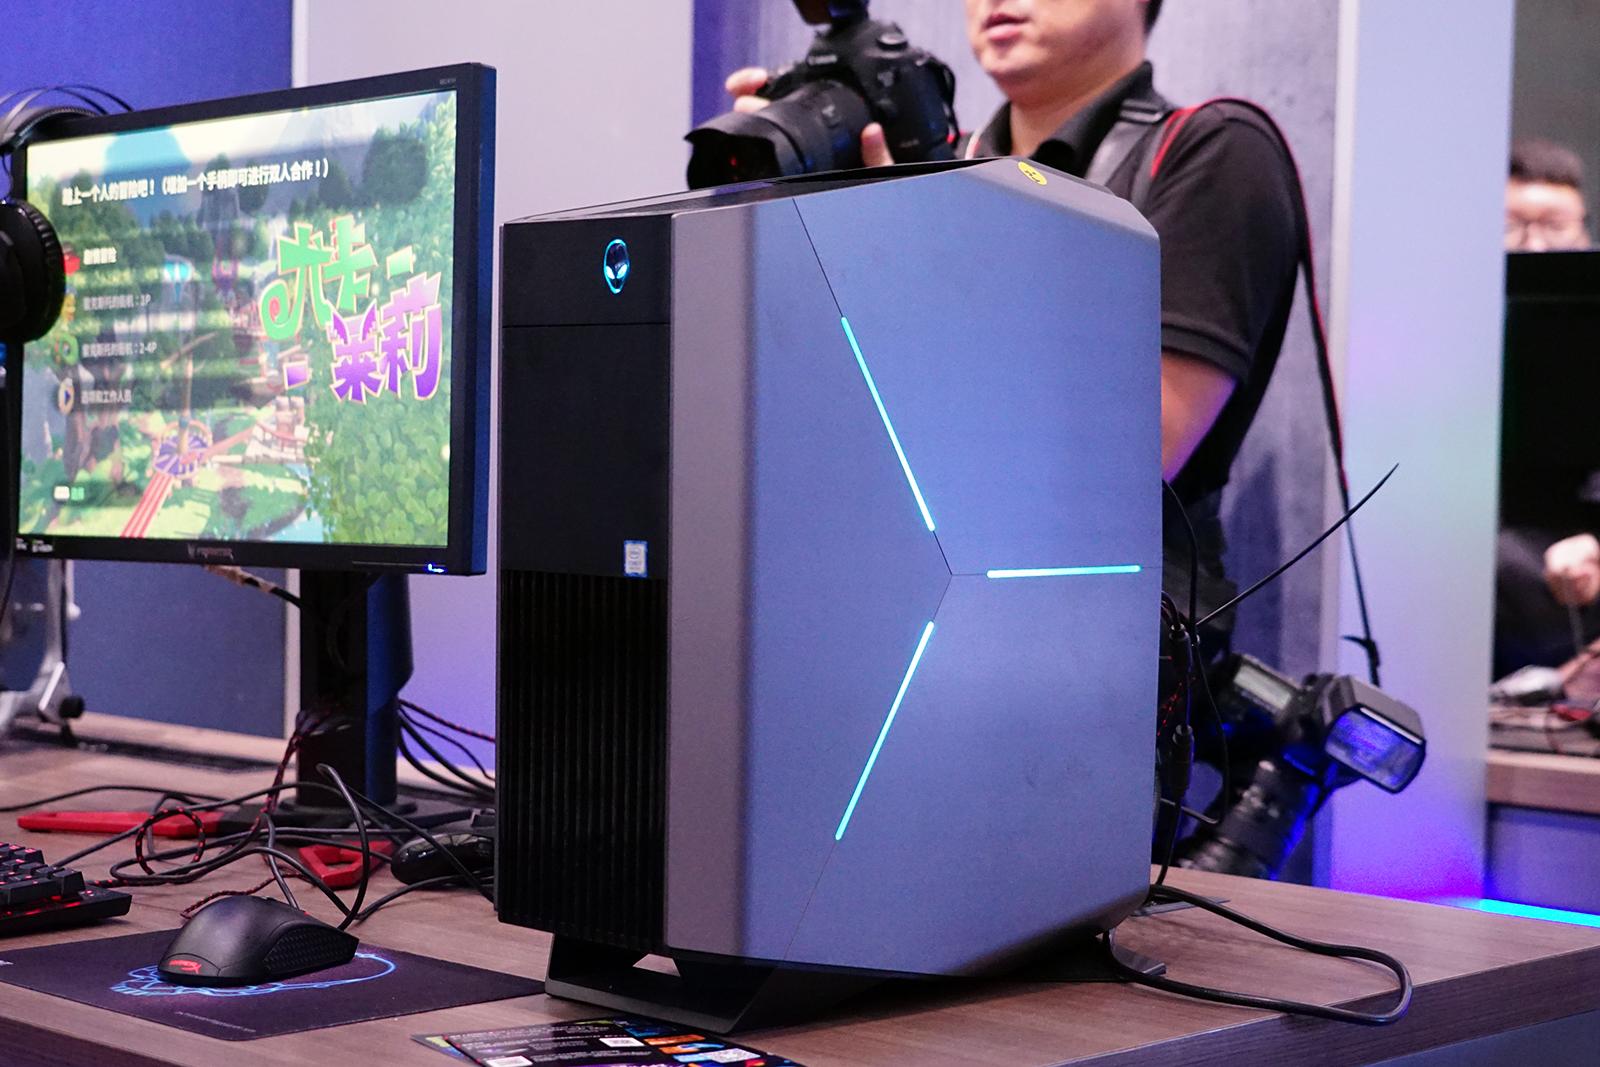 迷你身材幻彩灯光 酷睿i7加持炫酷主机Alienware Aurora